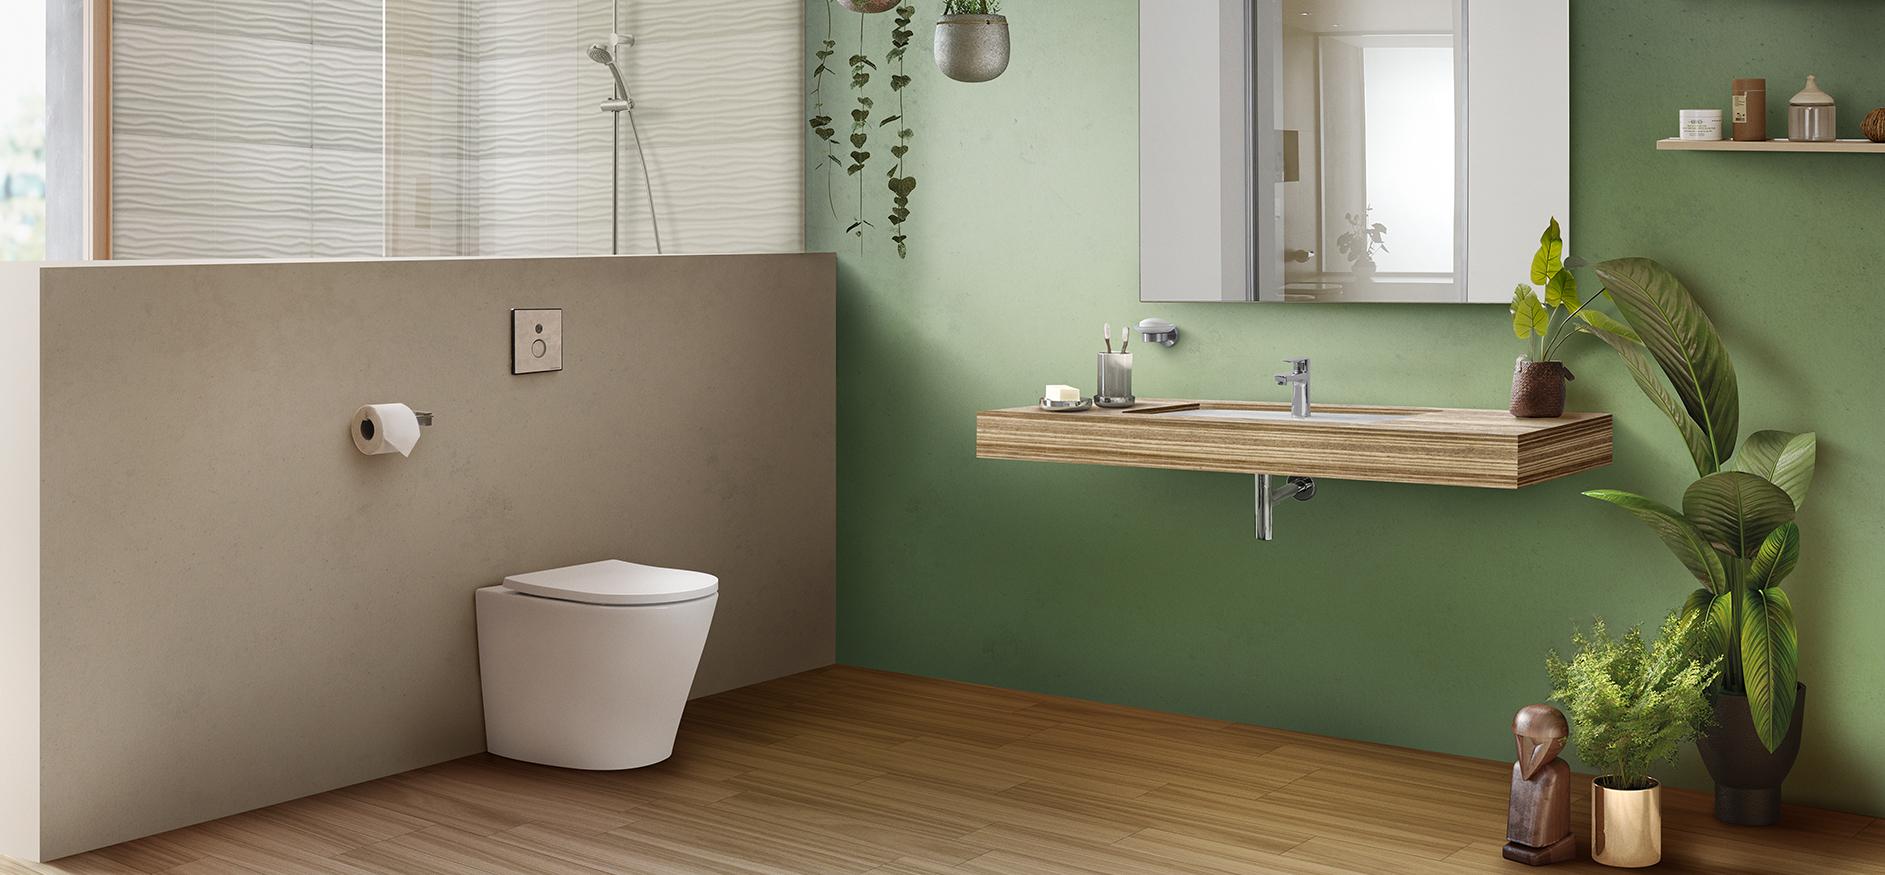 JohnsonSuisse : Bathroom Solutions | JohnsonSuisse